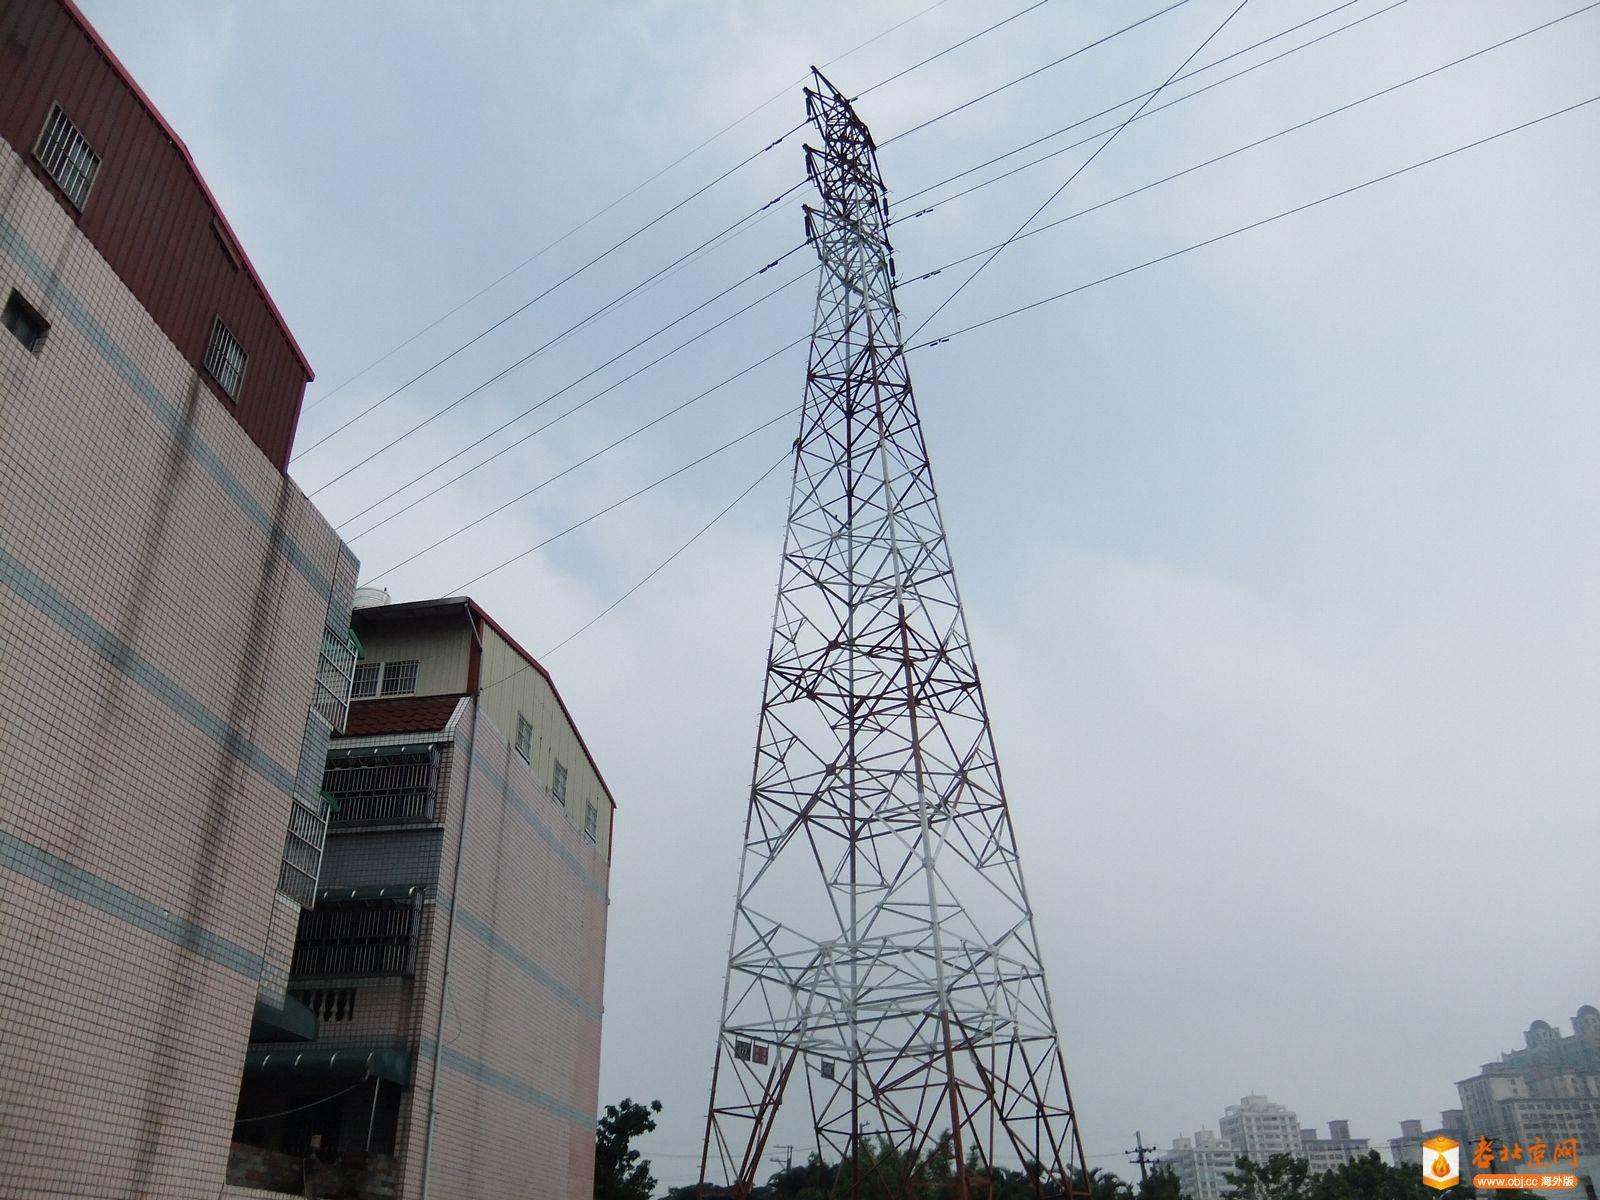 这种高压电塔因电力经过而产生辐射